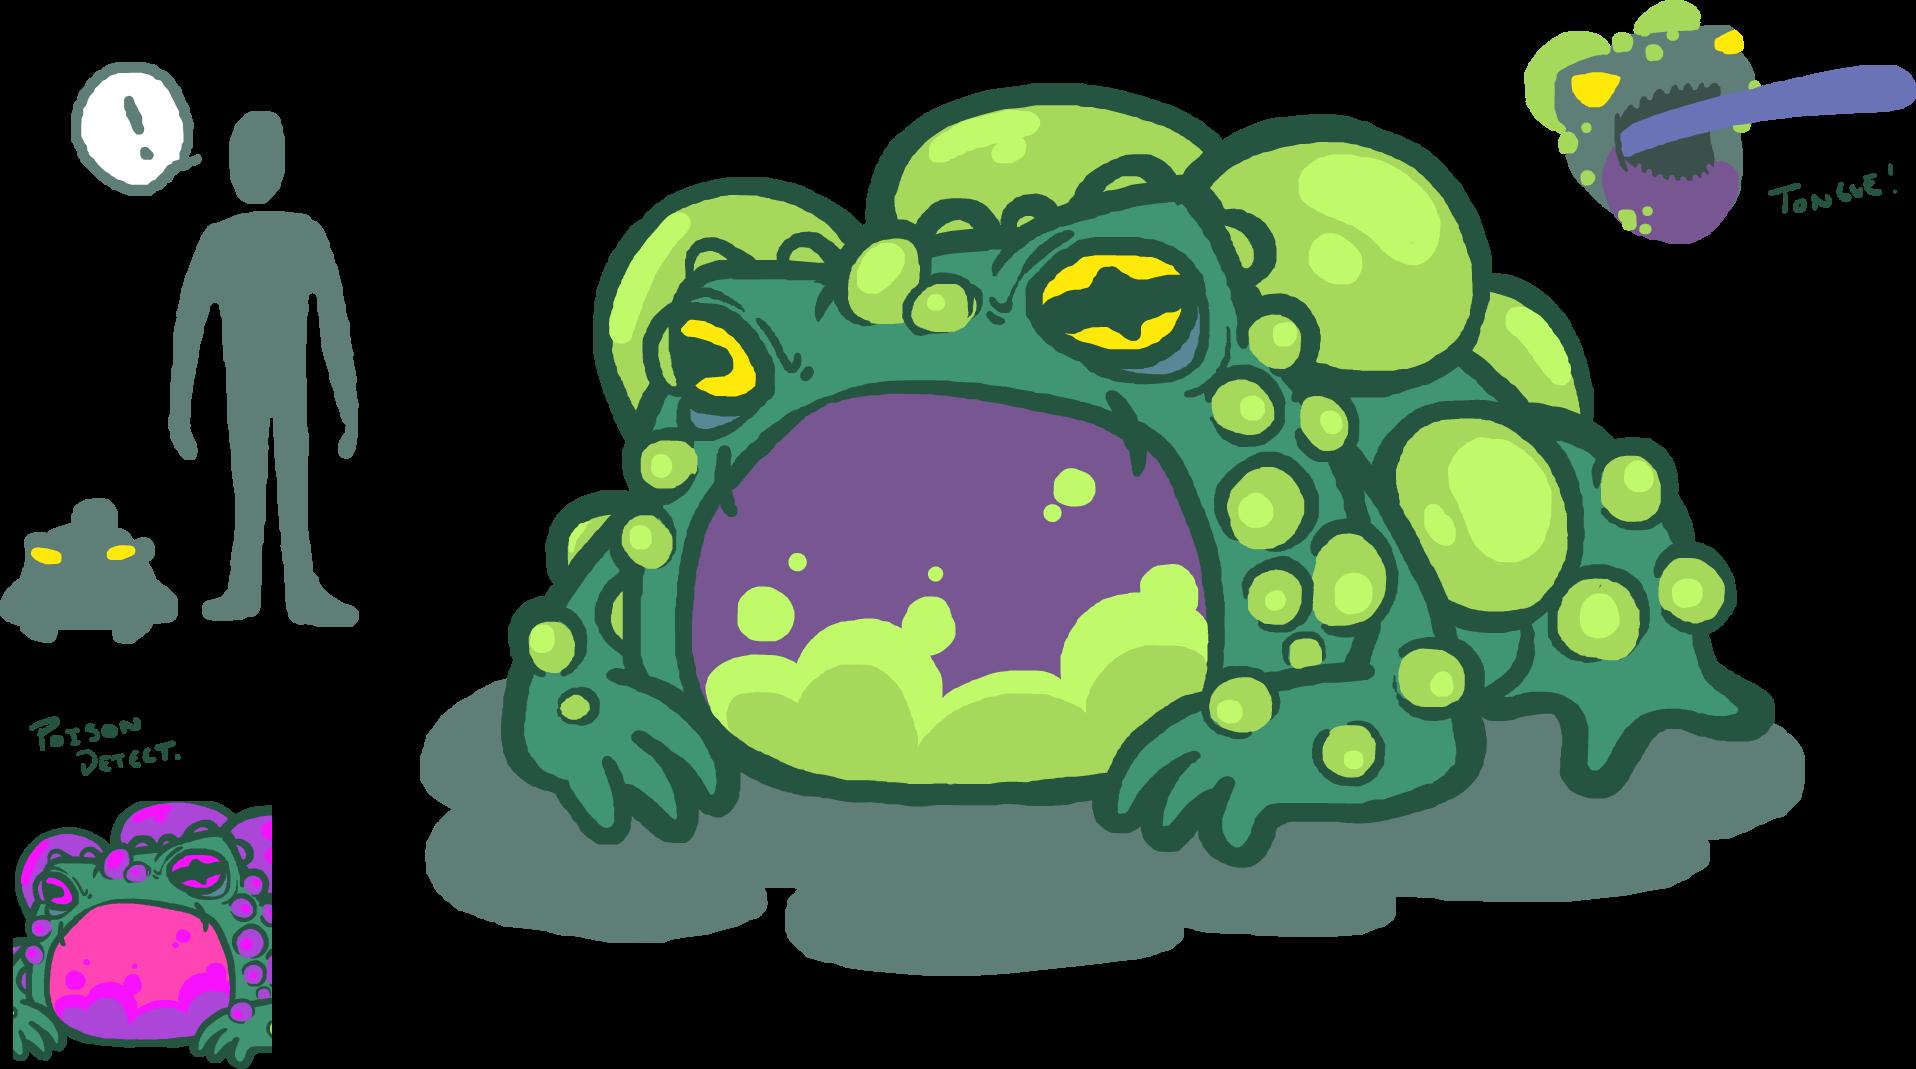 frog_design.png